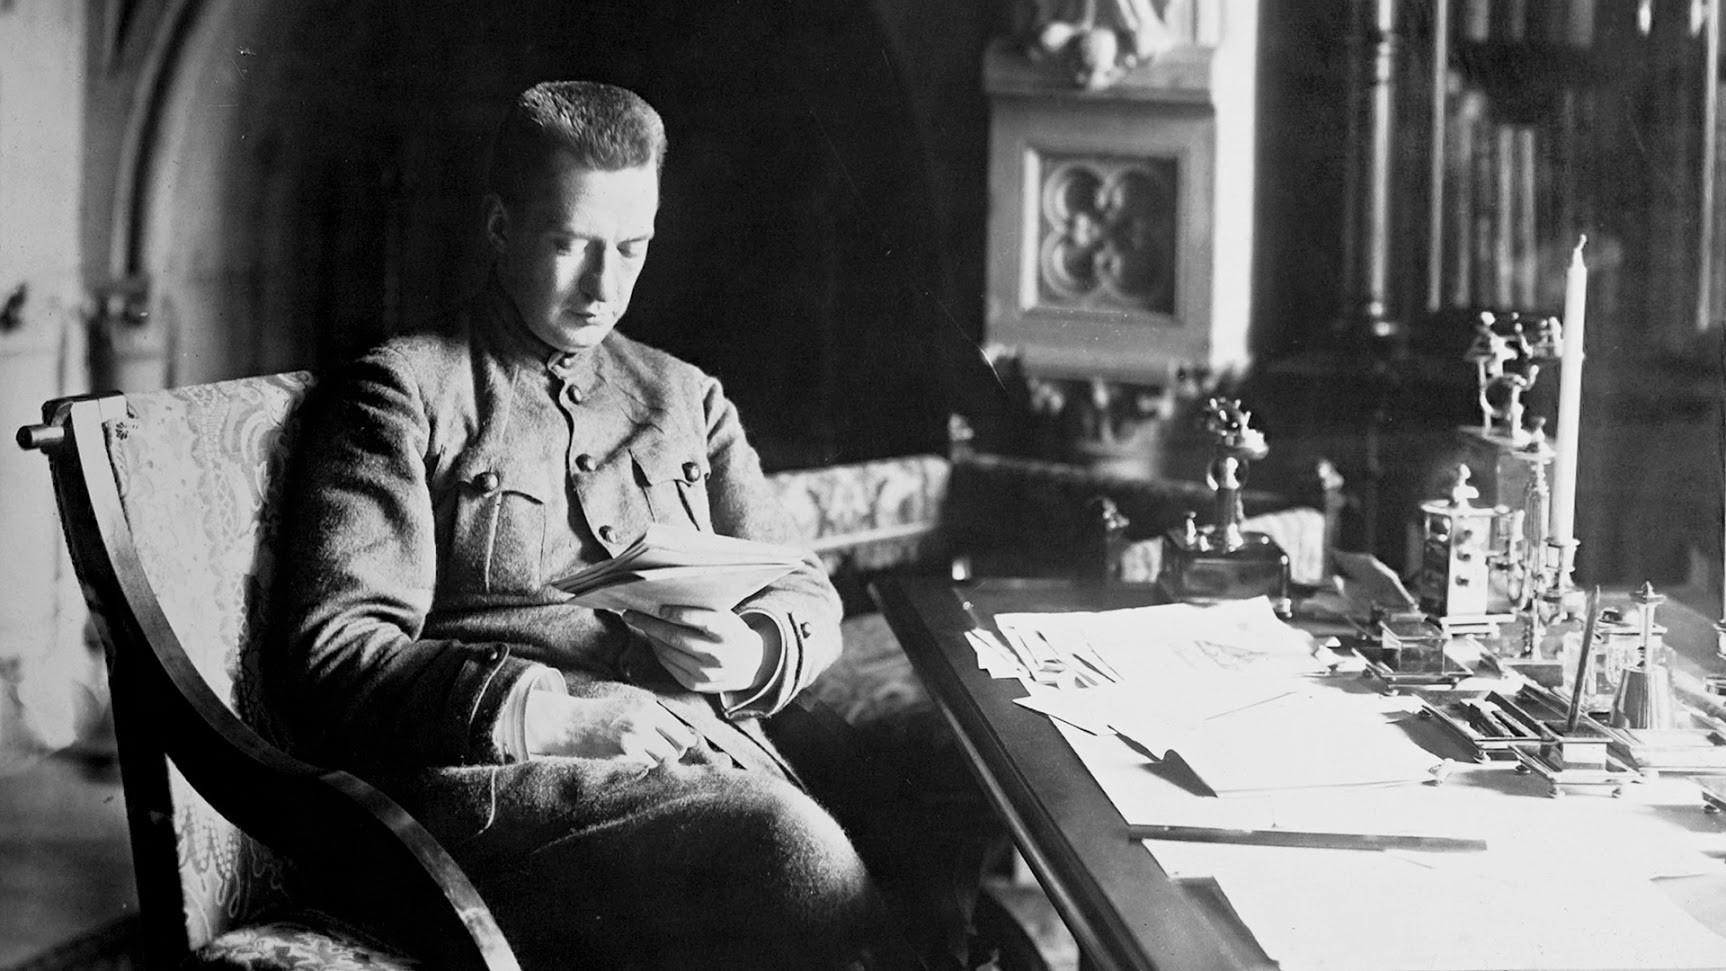 Александър Фьодорович Керенски (1881-1970), руски революционен лидер, министър на войната през 1917 година.